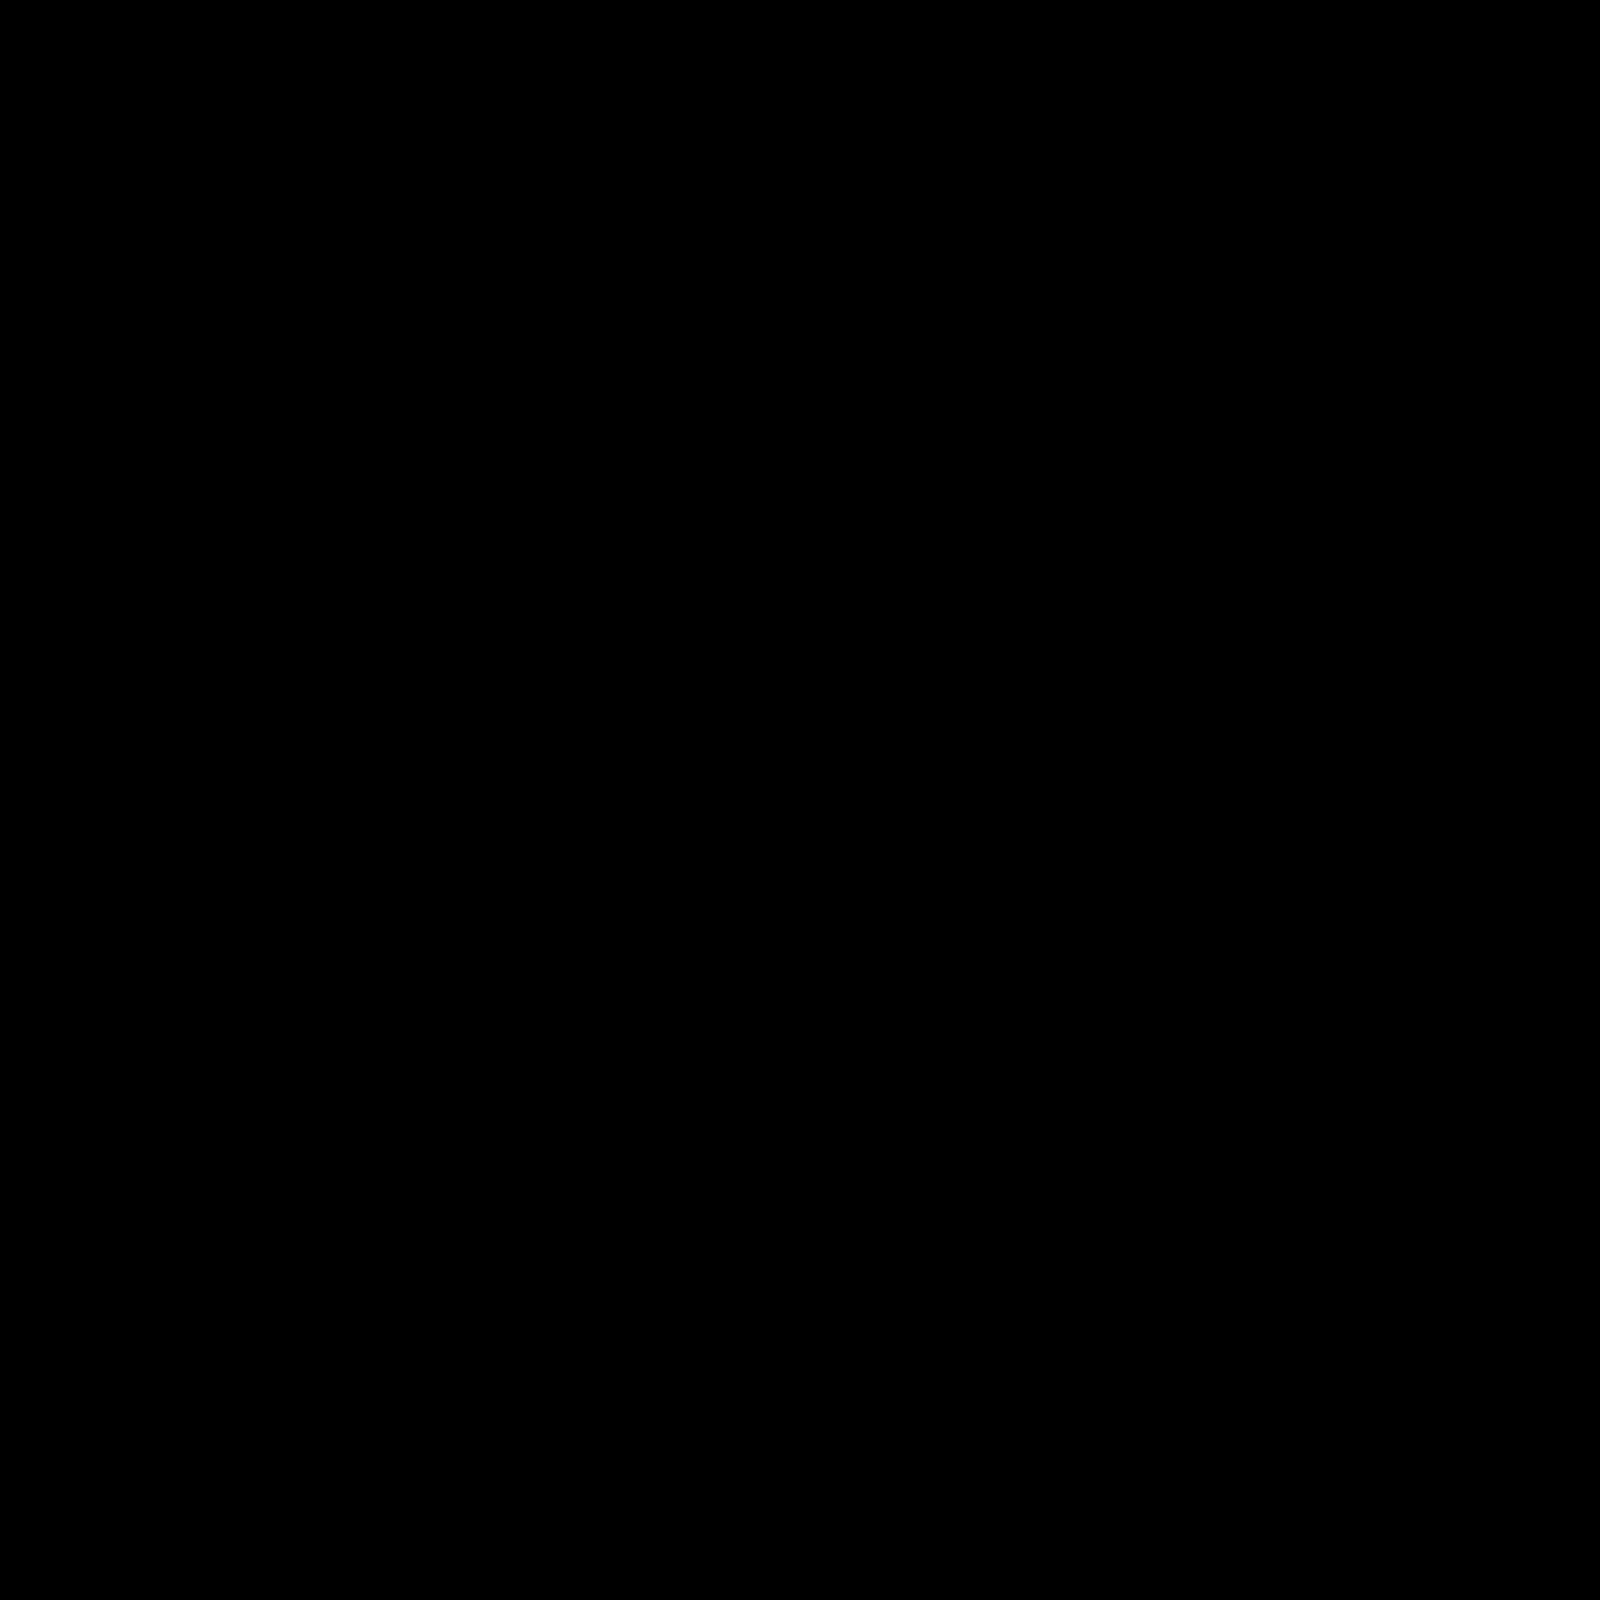 Poświadczenia użytkownika icon